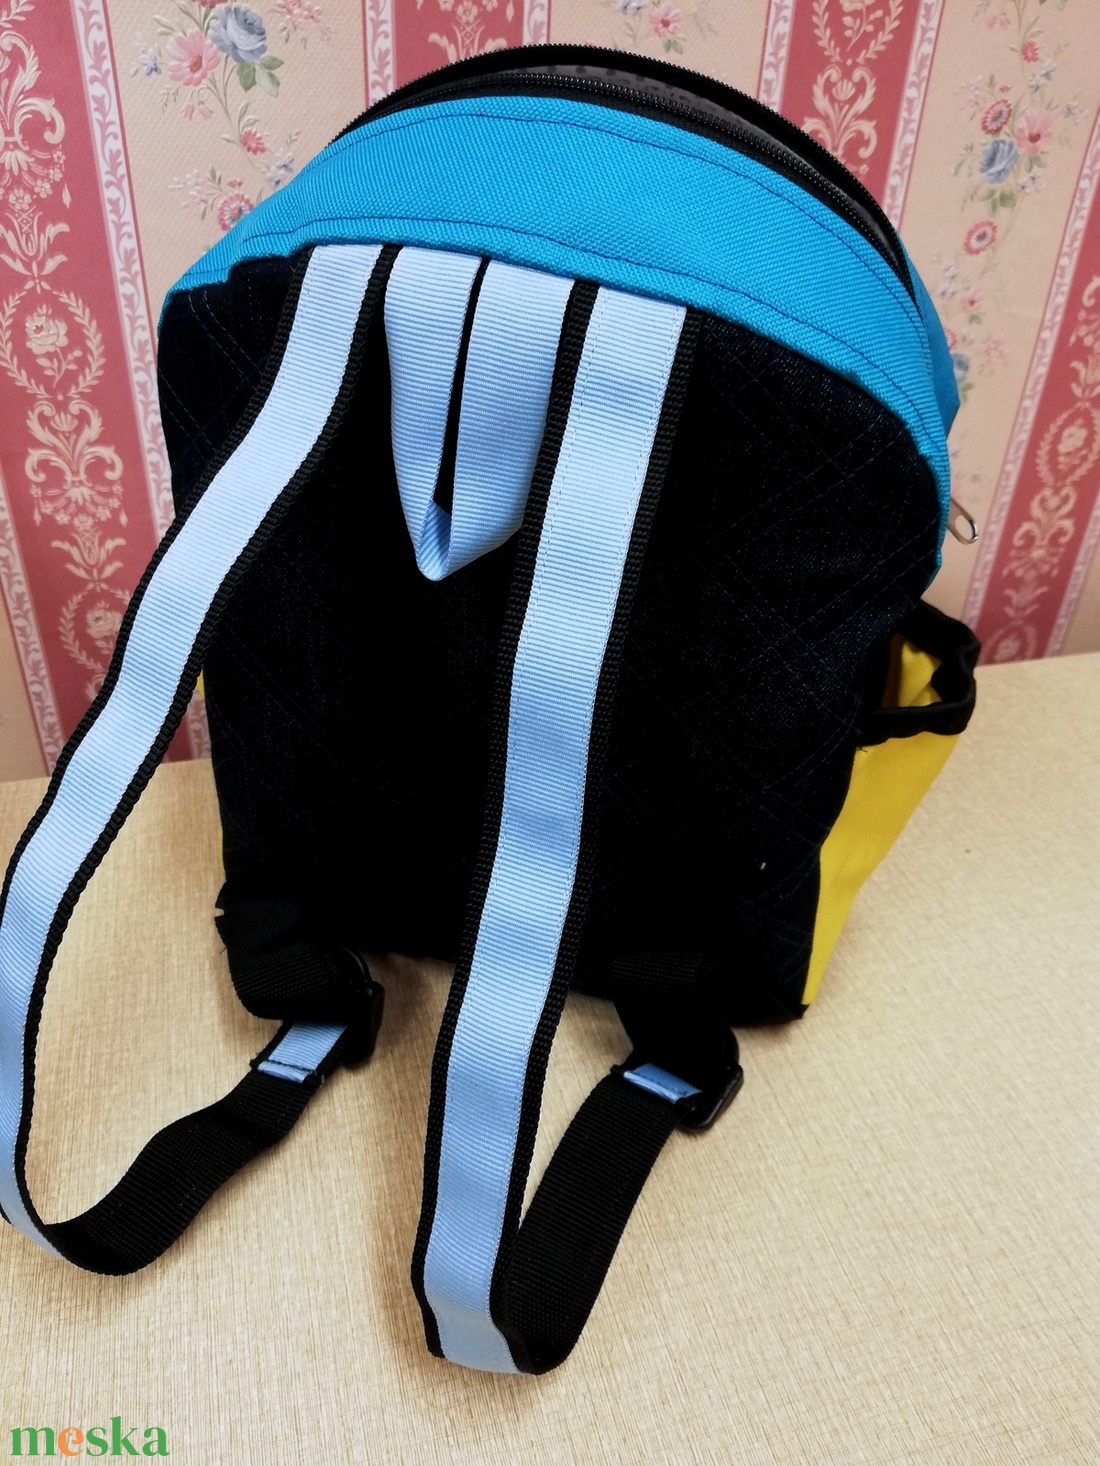 Mesés hátitáska kutya mintával - ovi- és sulikezdés - ovis zsák & ovis szett - ovis hátizsák - Meska.hu